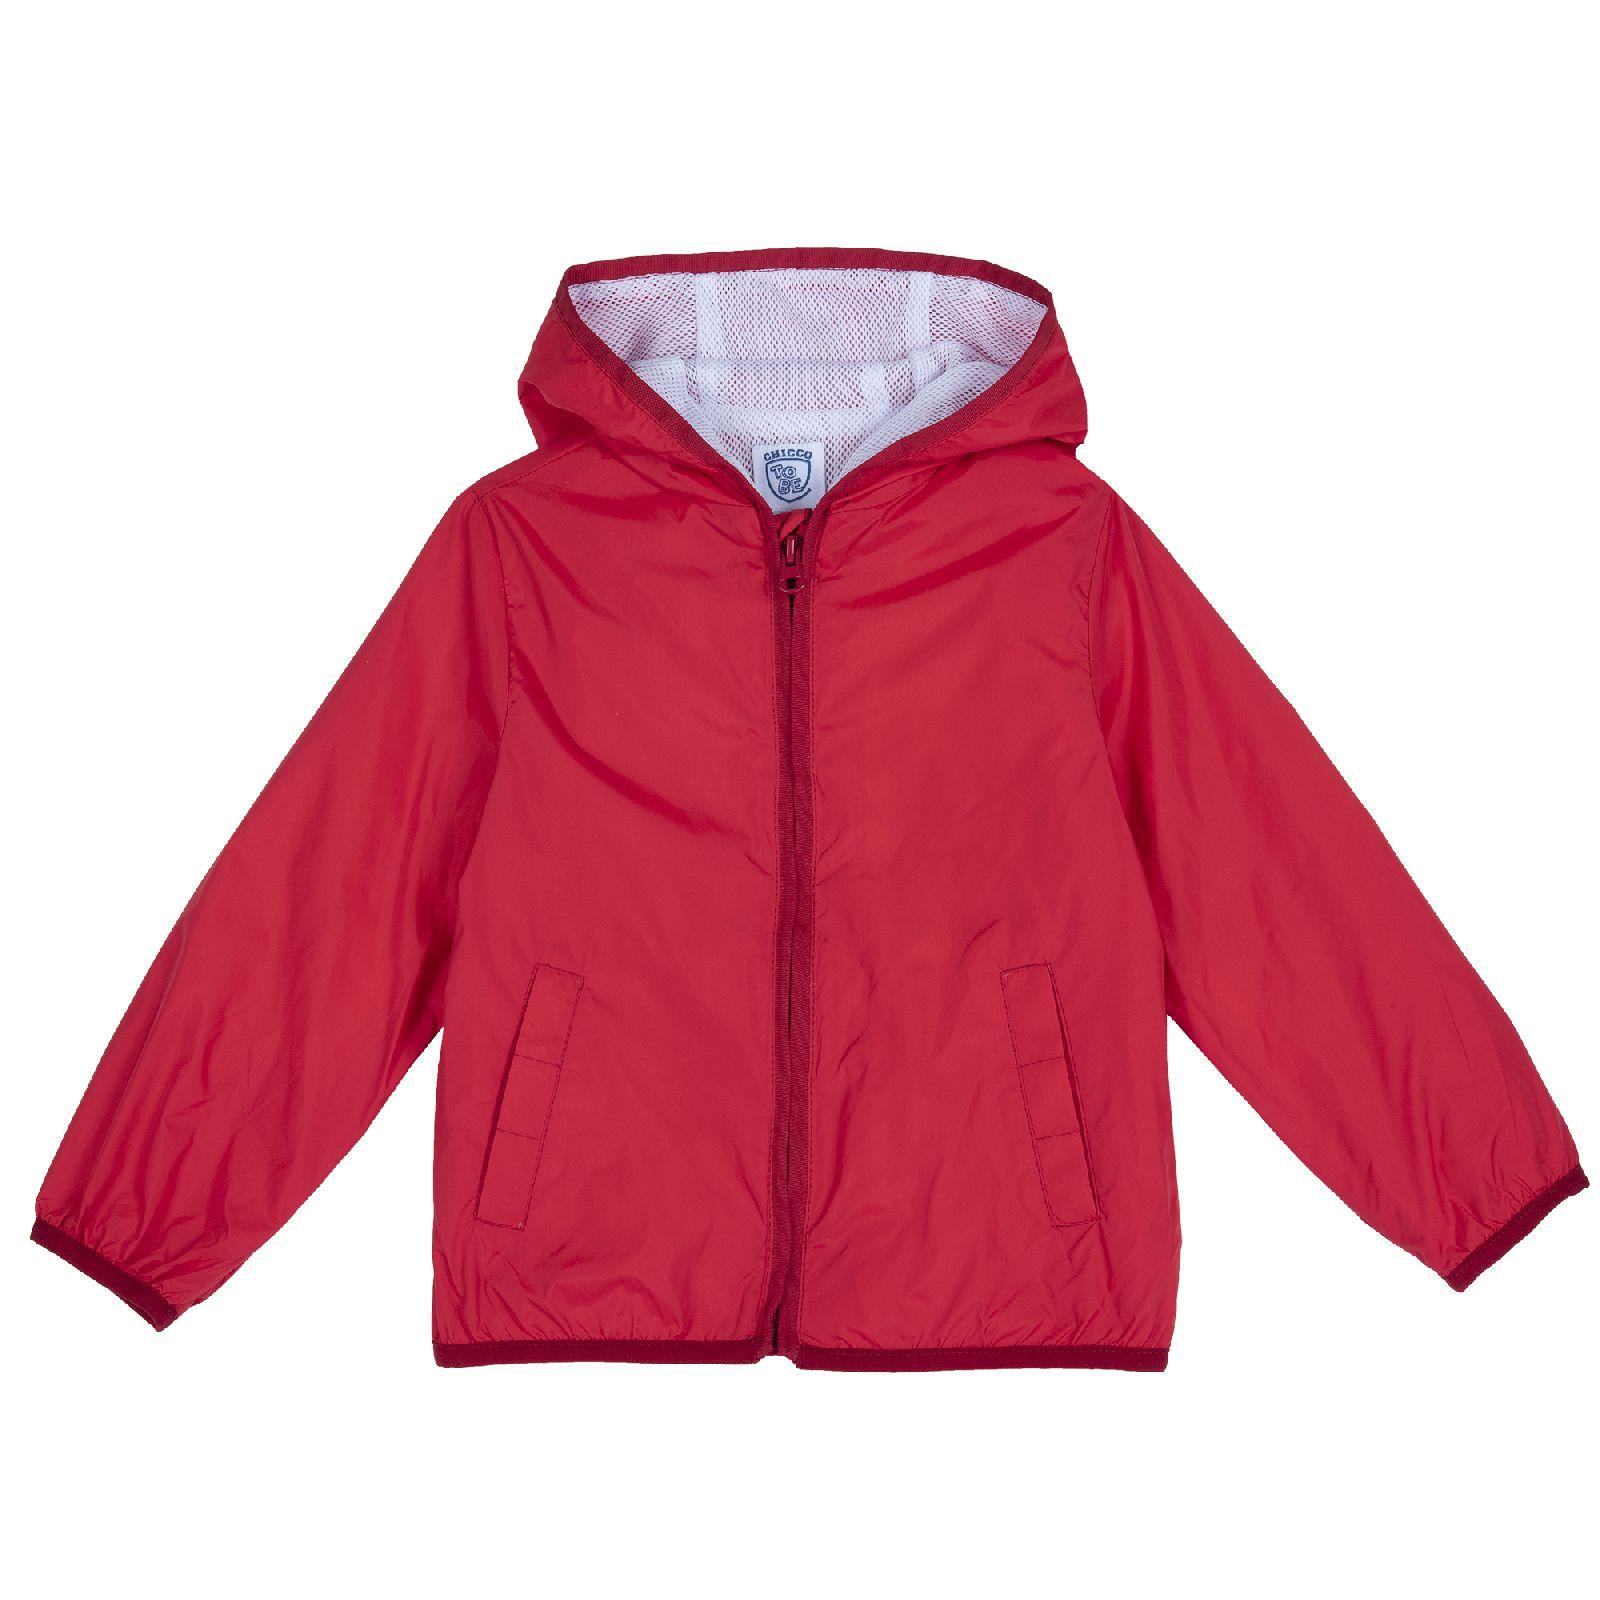 Купить 9087451, Куртка для мальчиков Chicco без принта, цвет красный, размер 110,